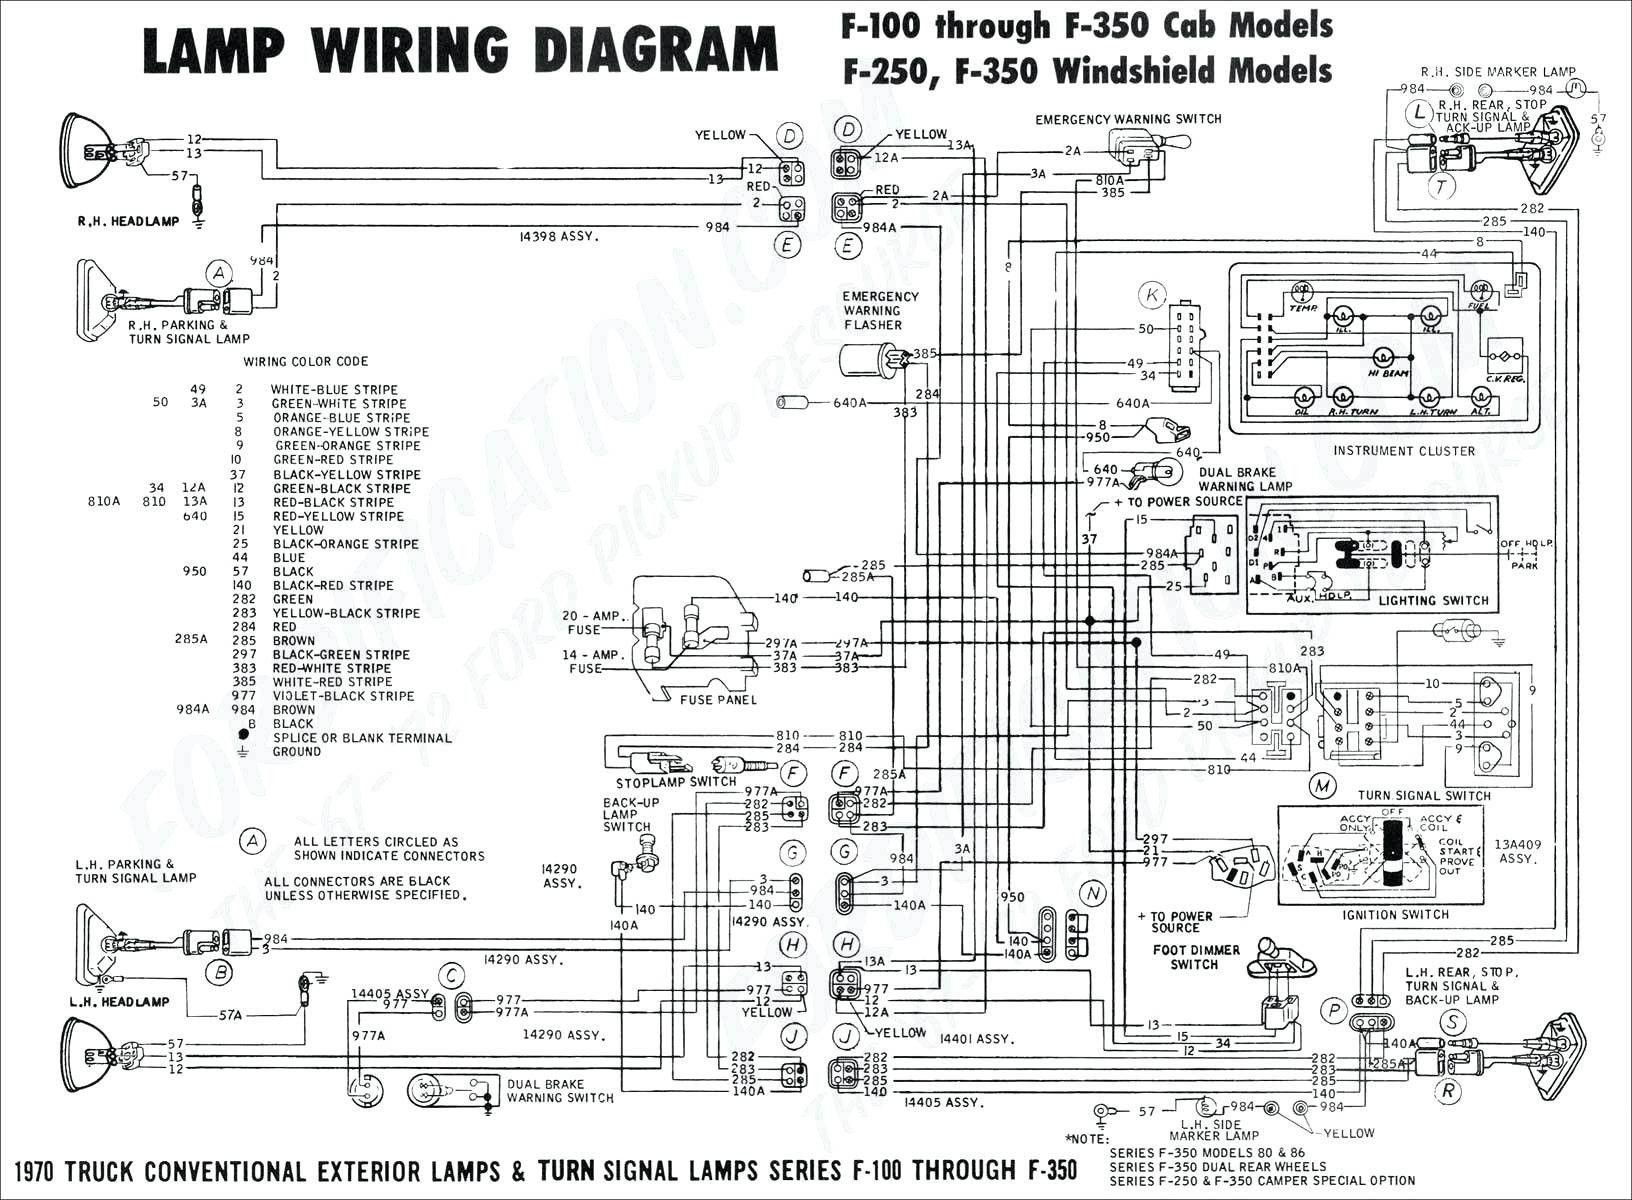 New Wiring Diagram Symbols Hvac #diagrams #digramssample #